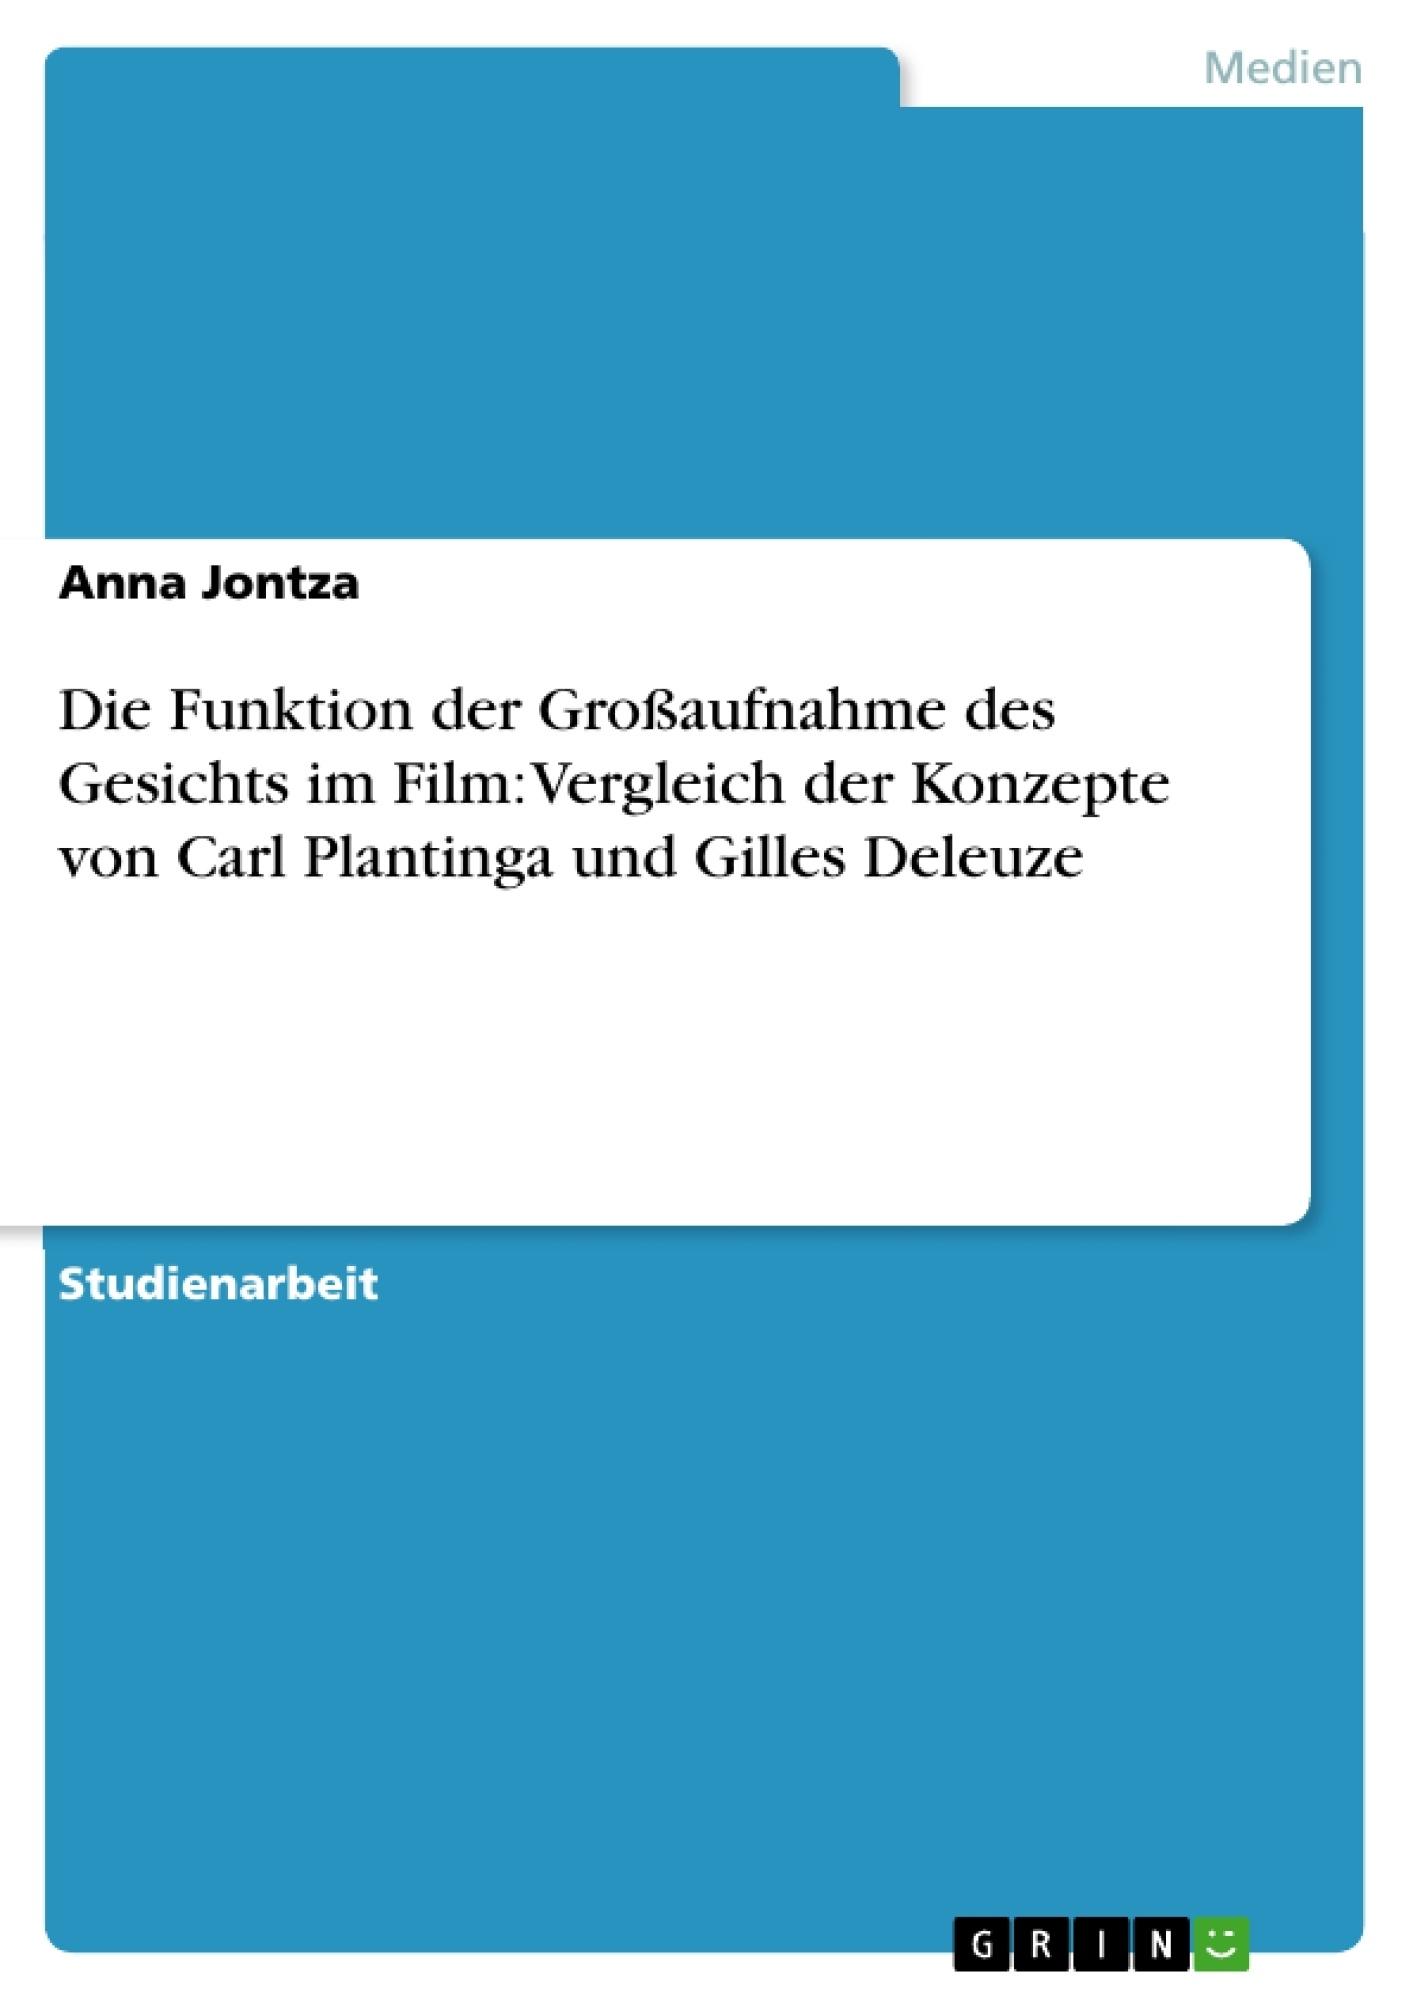 Titel: Die Funktion der Großaufnahme des Gesichts im Film: Vergleich der Konzepte von Carl Plantinga und Gilles Deleuze